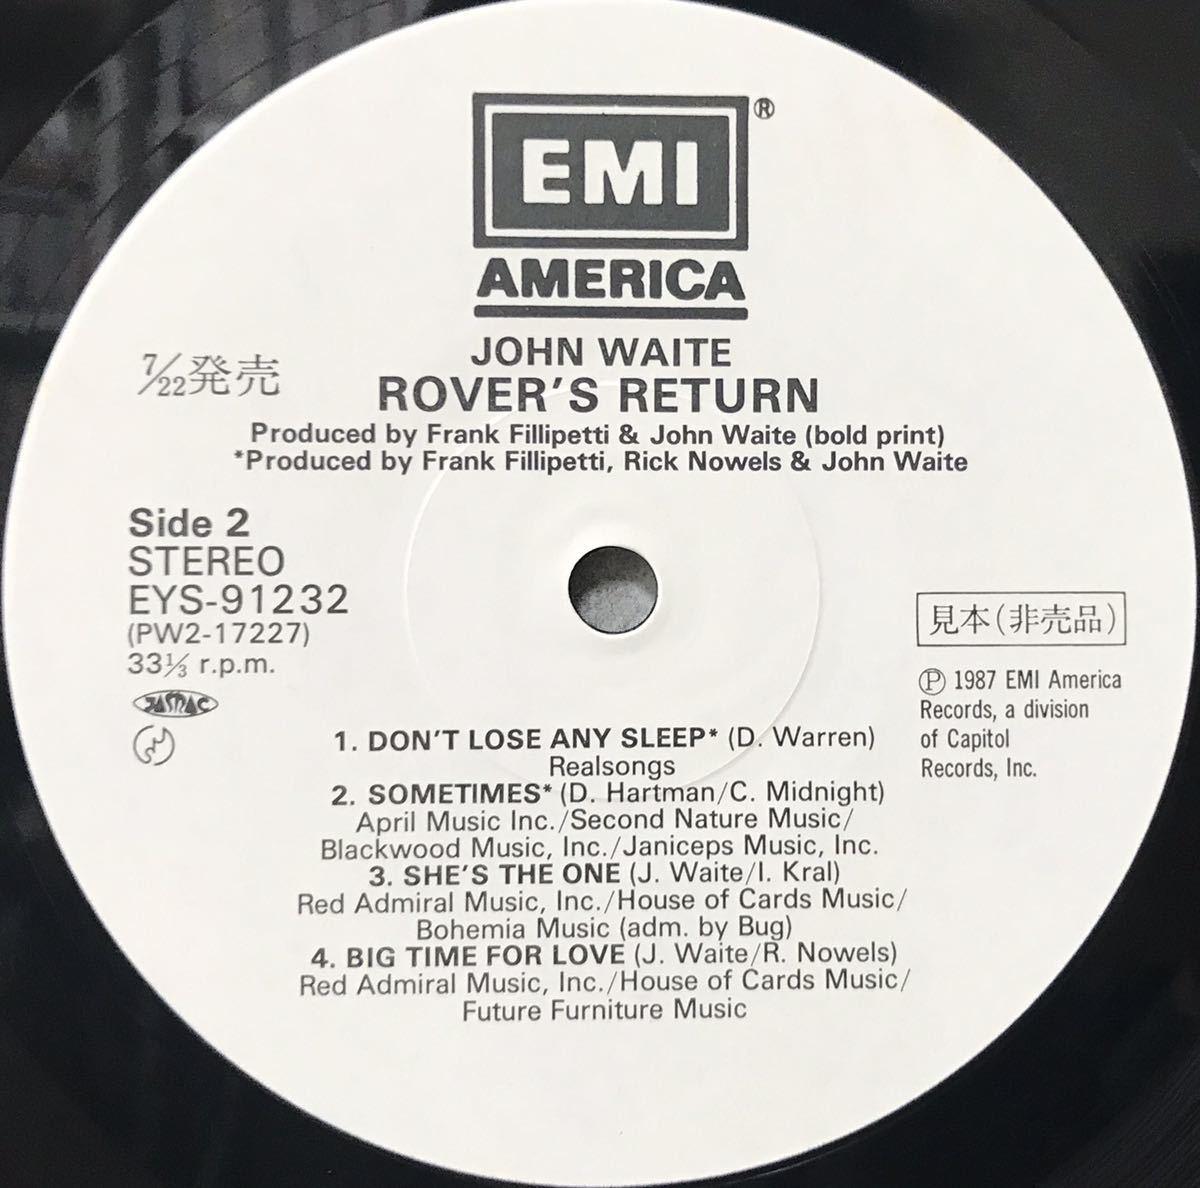 見本盤 JOHN WAITE / ROVER'S RETURN アルバム 12inchサイズのレコード その他にもプロモーション盤 レア盤 人気レコード 多数出品中_画像3